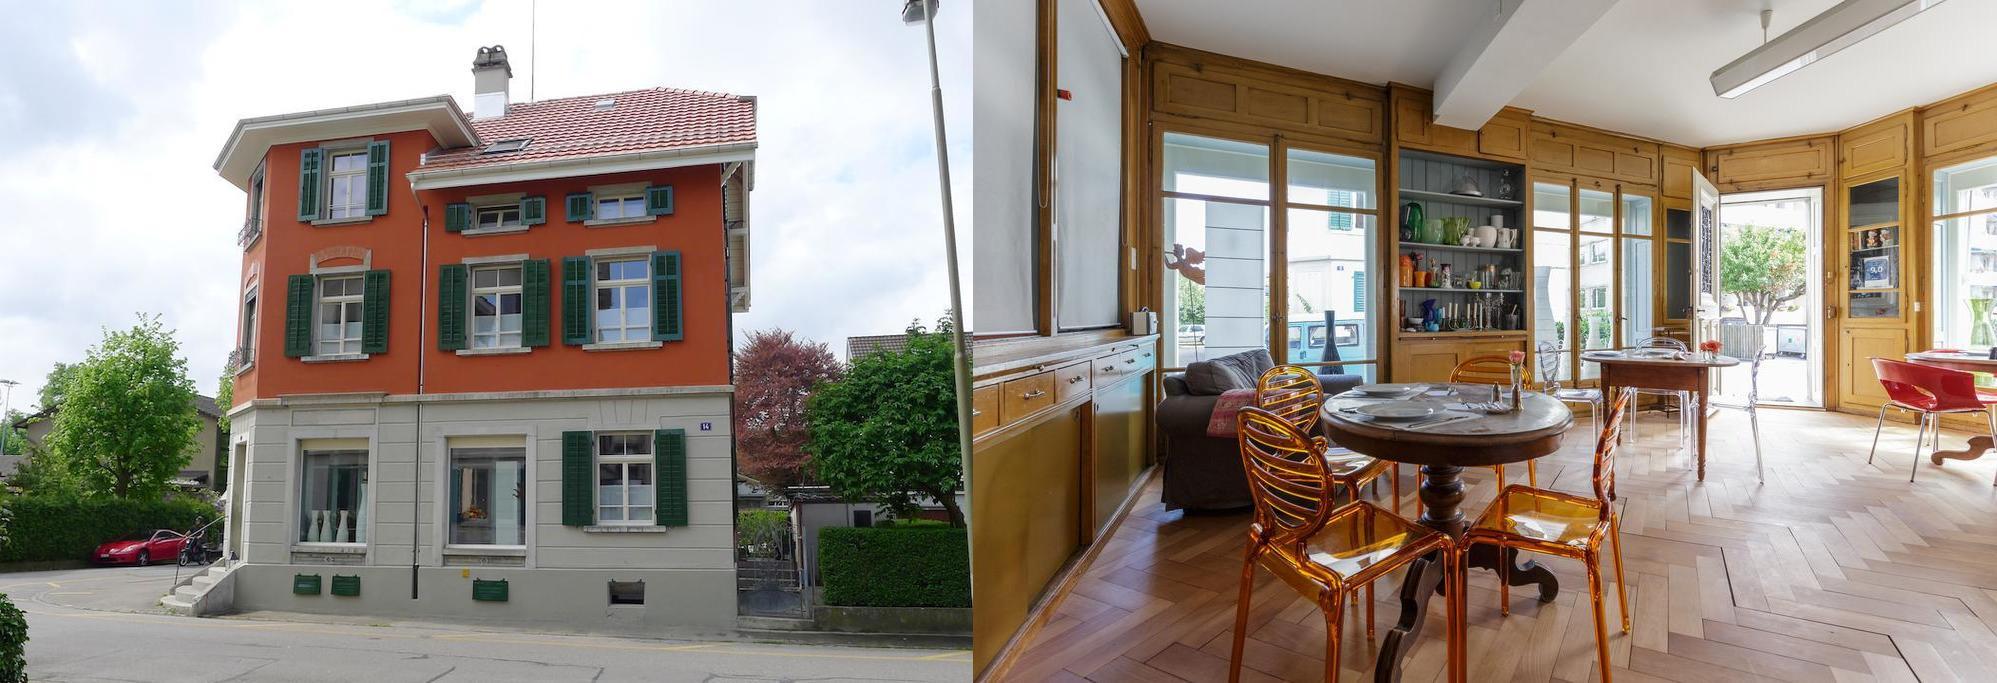 Die Bleibe - Bed & Breakfast in Winterthur